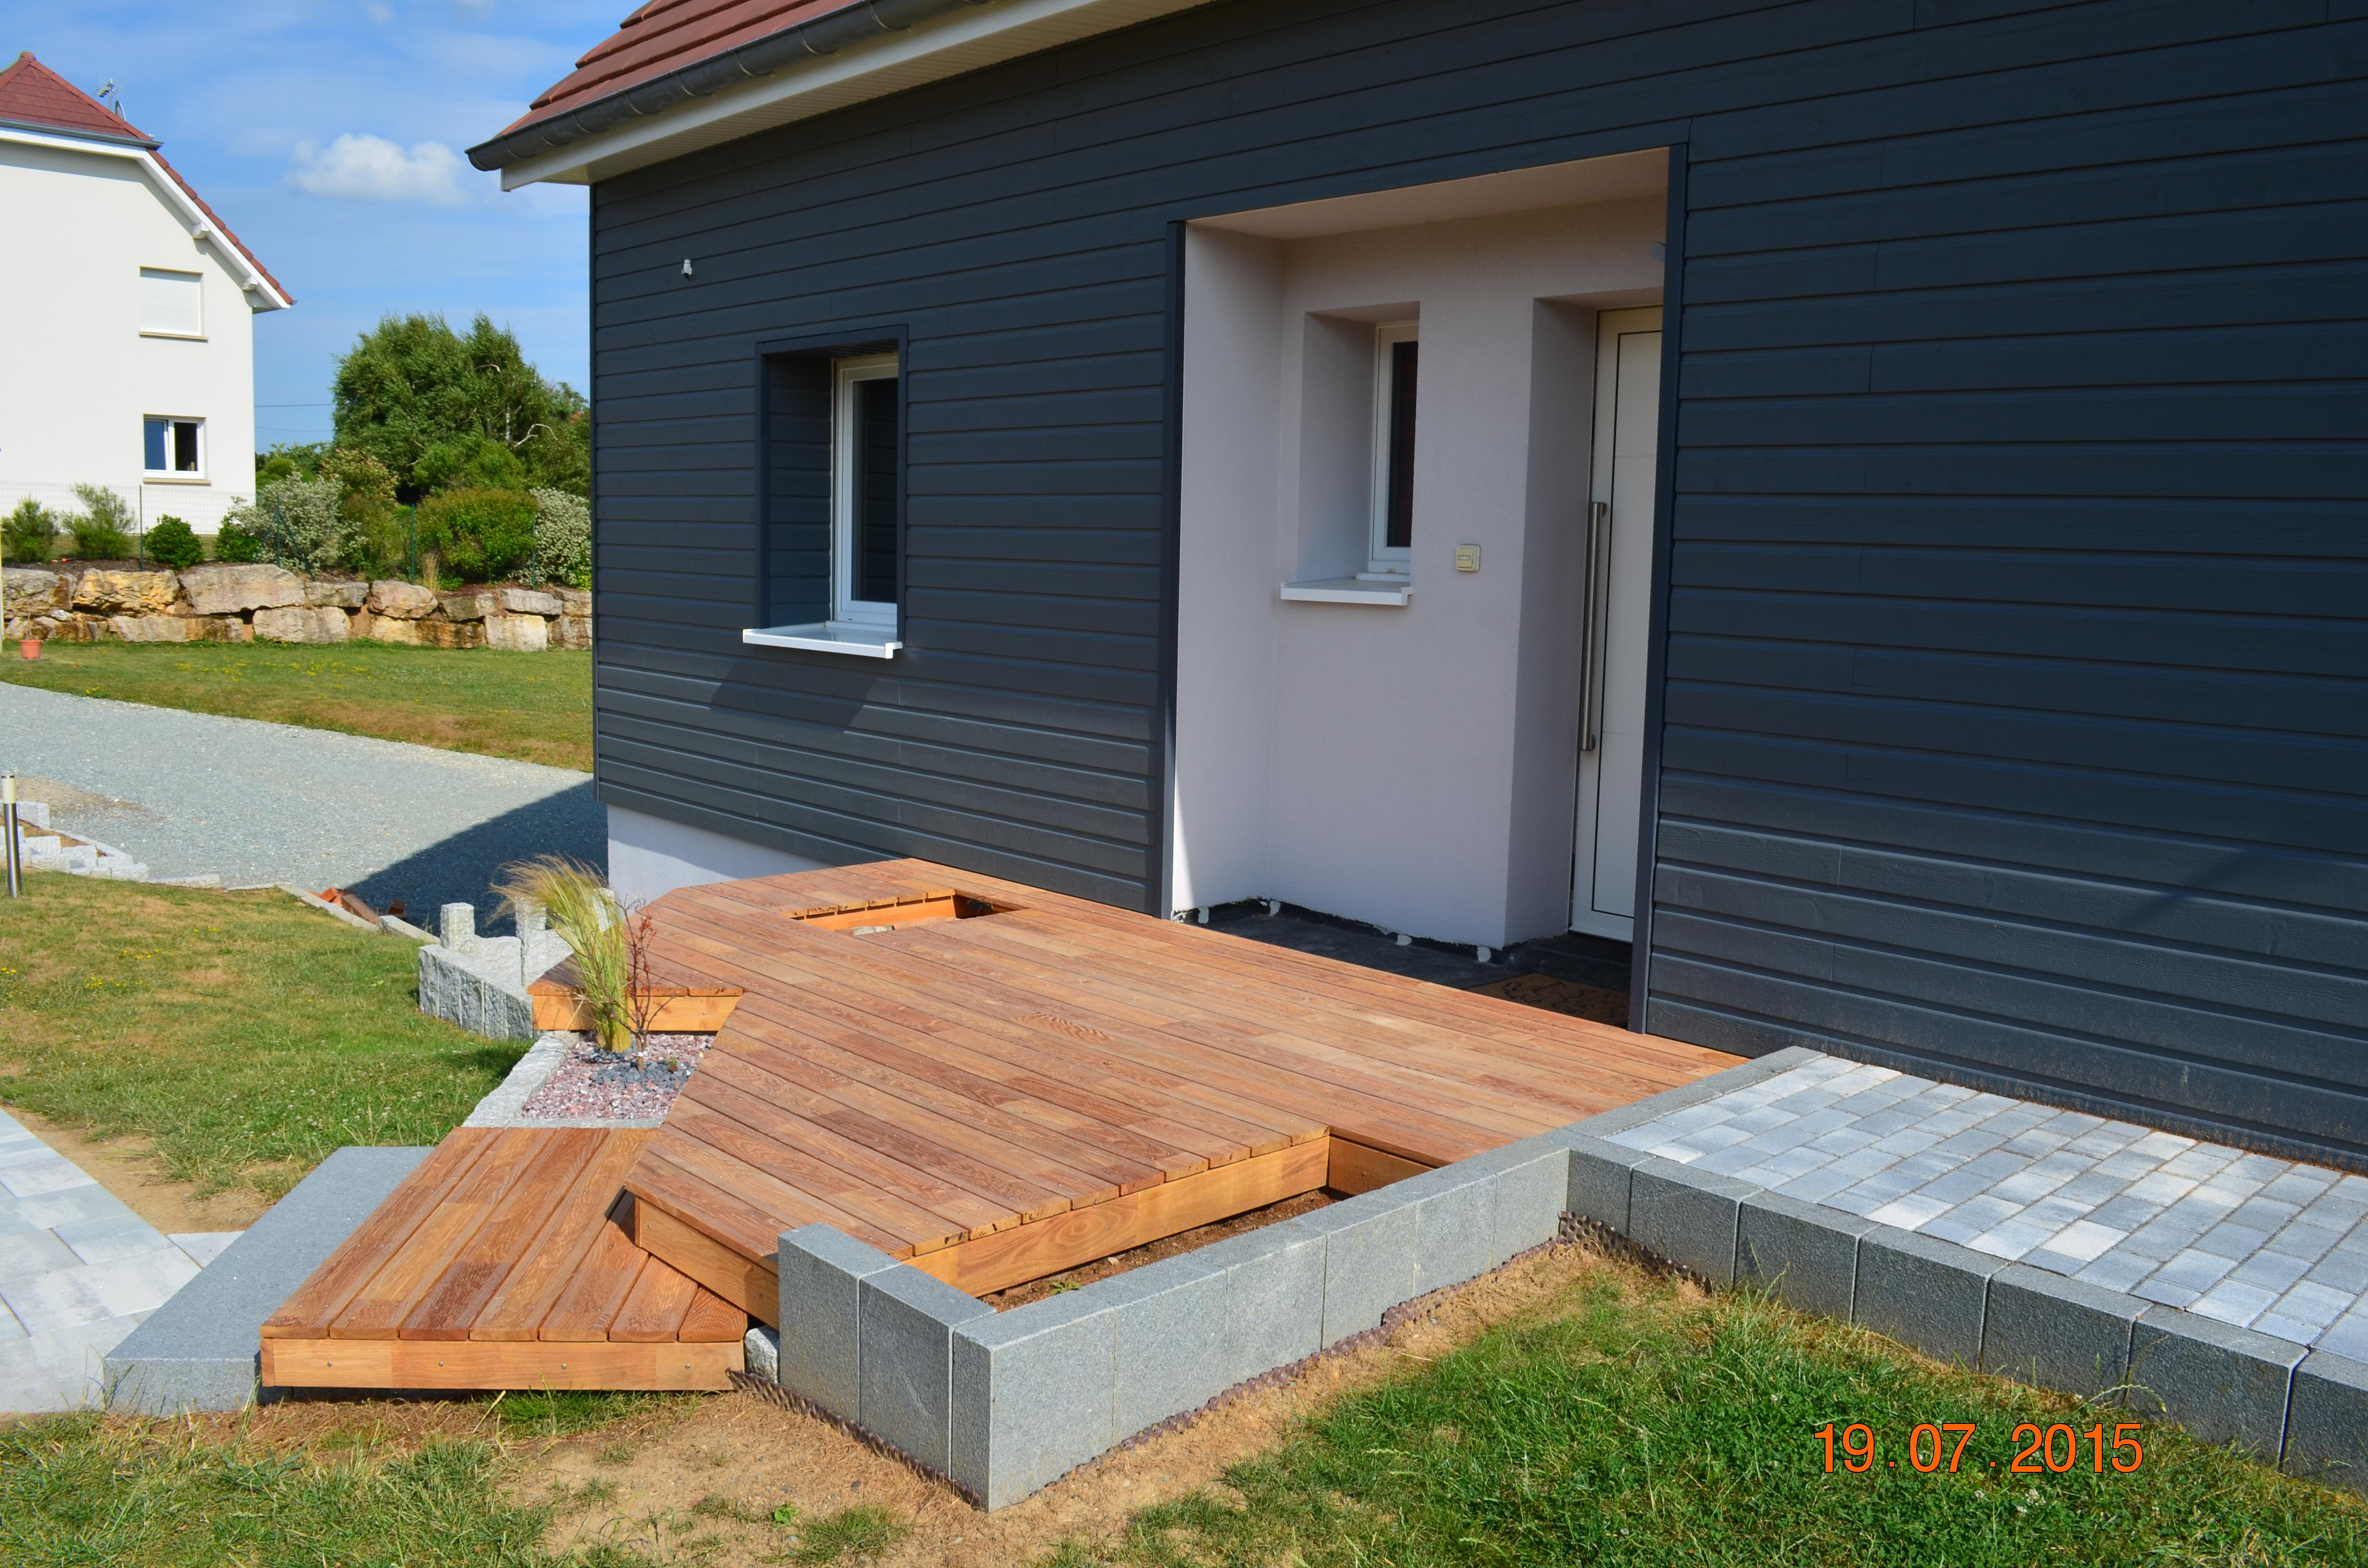 Porche D Entrée Bois terrasse bois - ite liege et fibre de bois